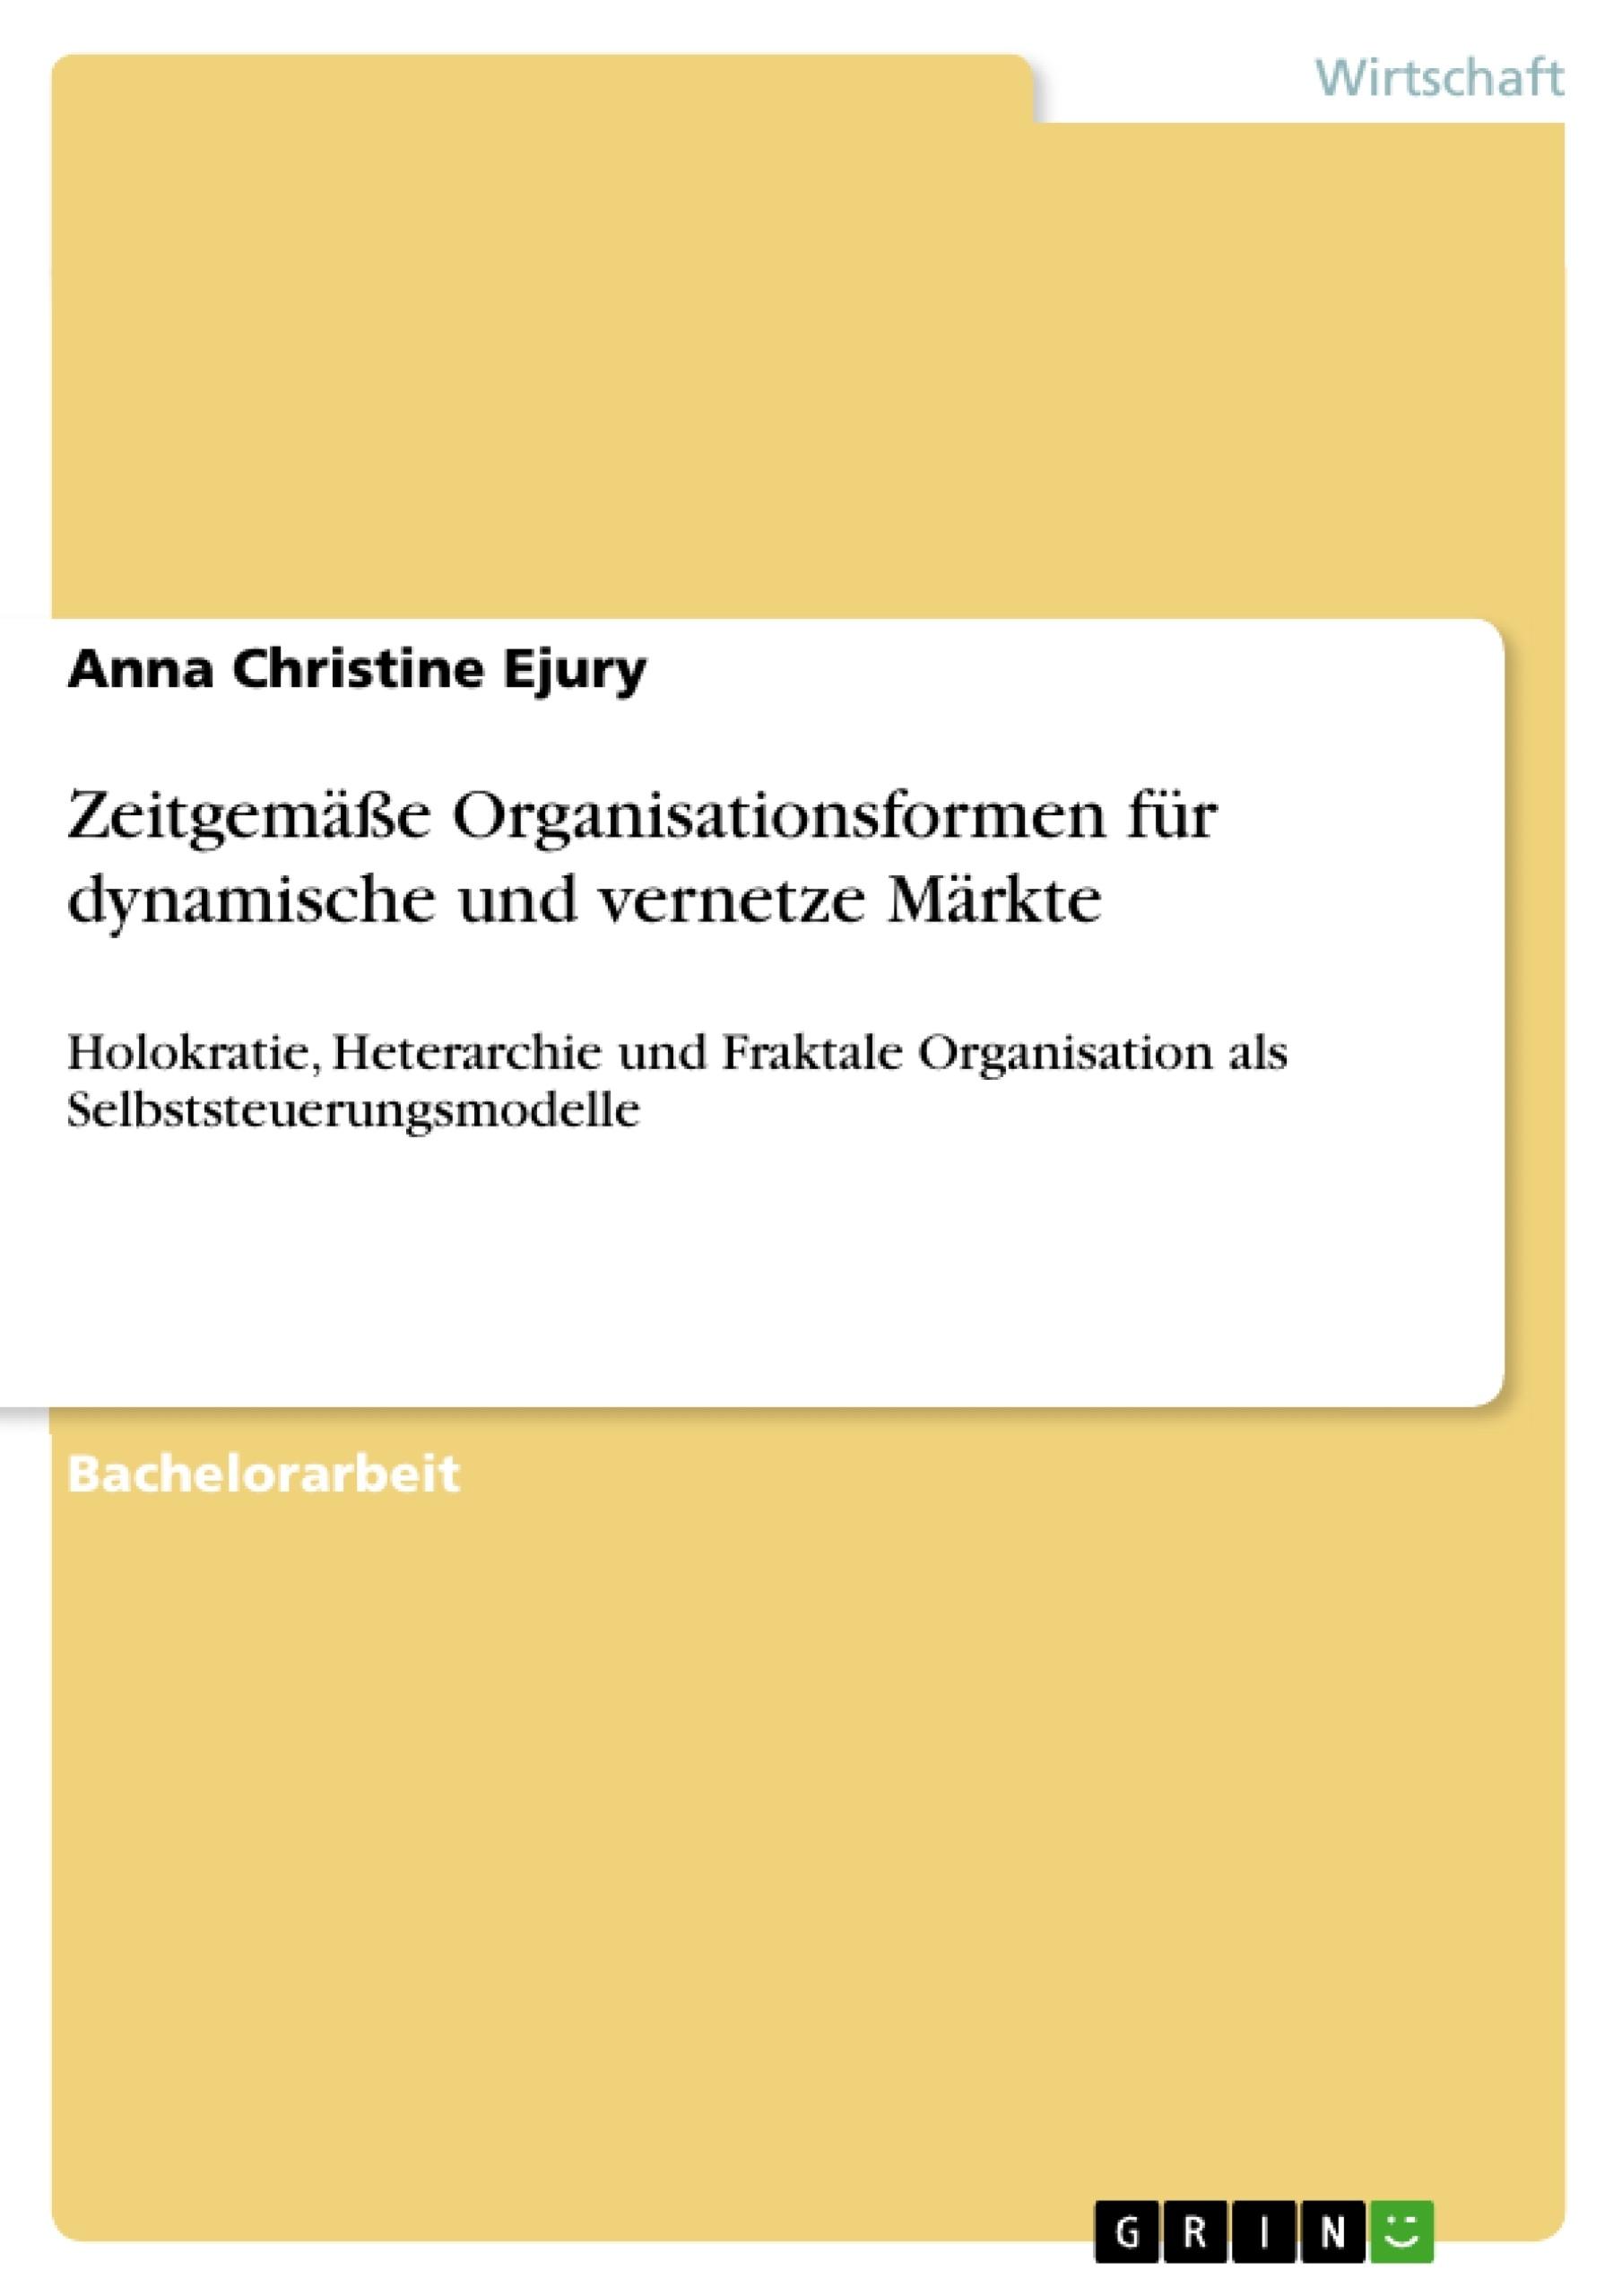 Titel: Zeitgemäße Organisationsformen für dynamische und vernetze Märkte